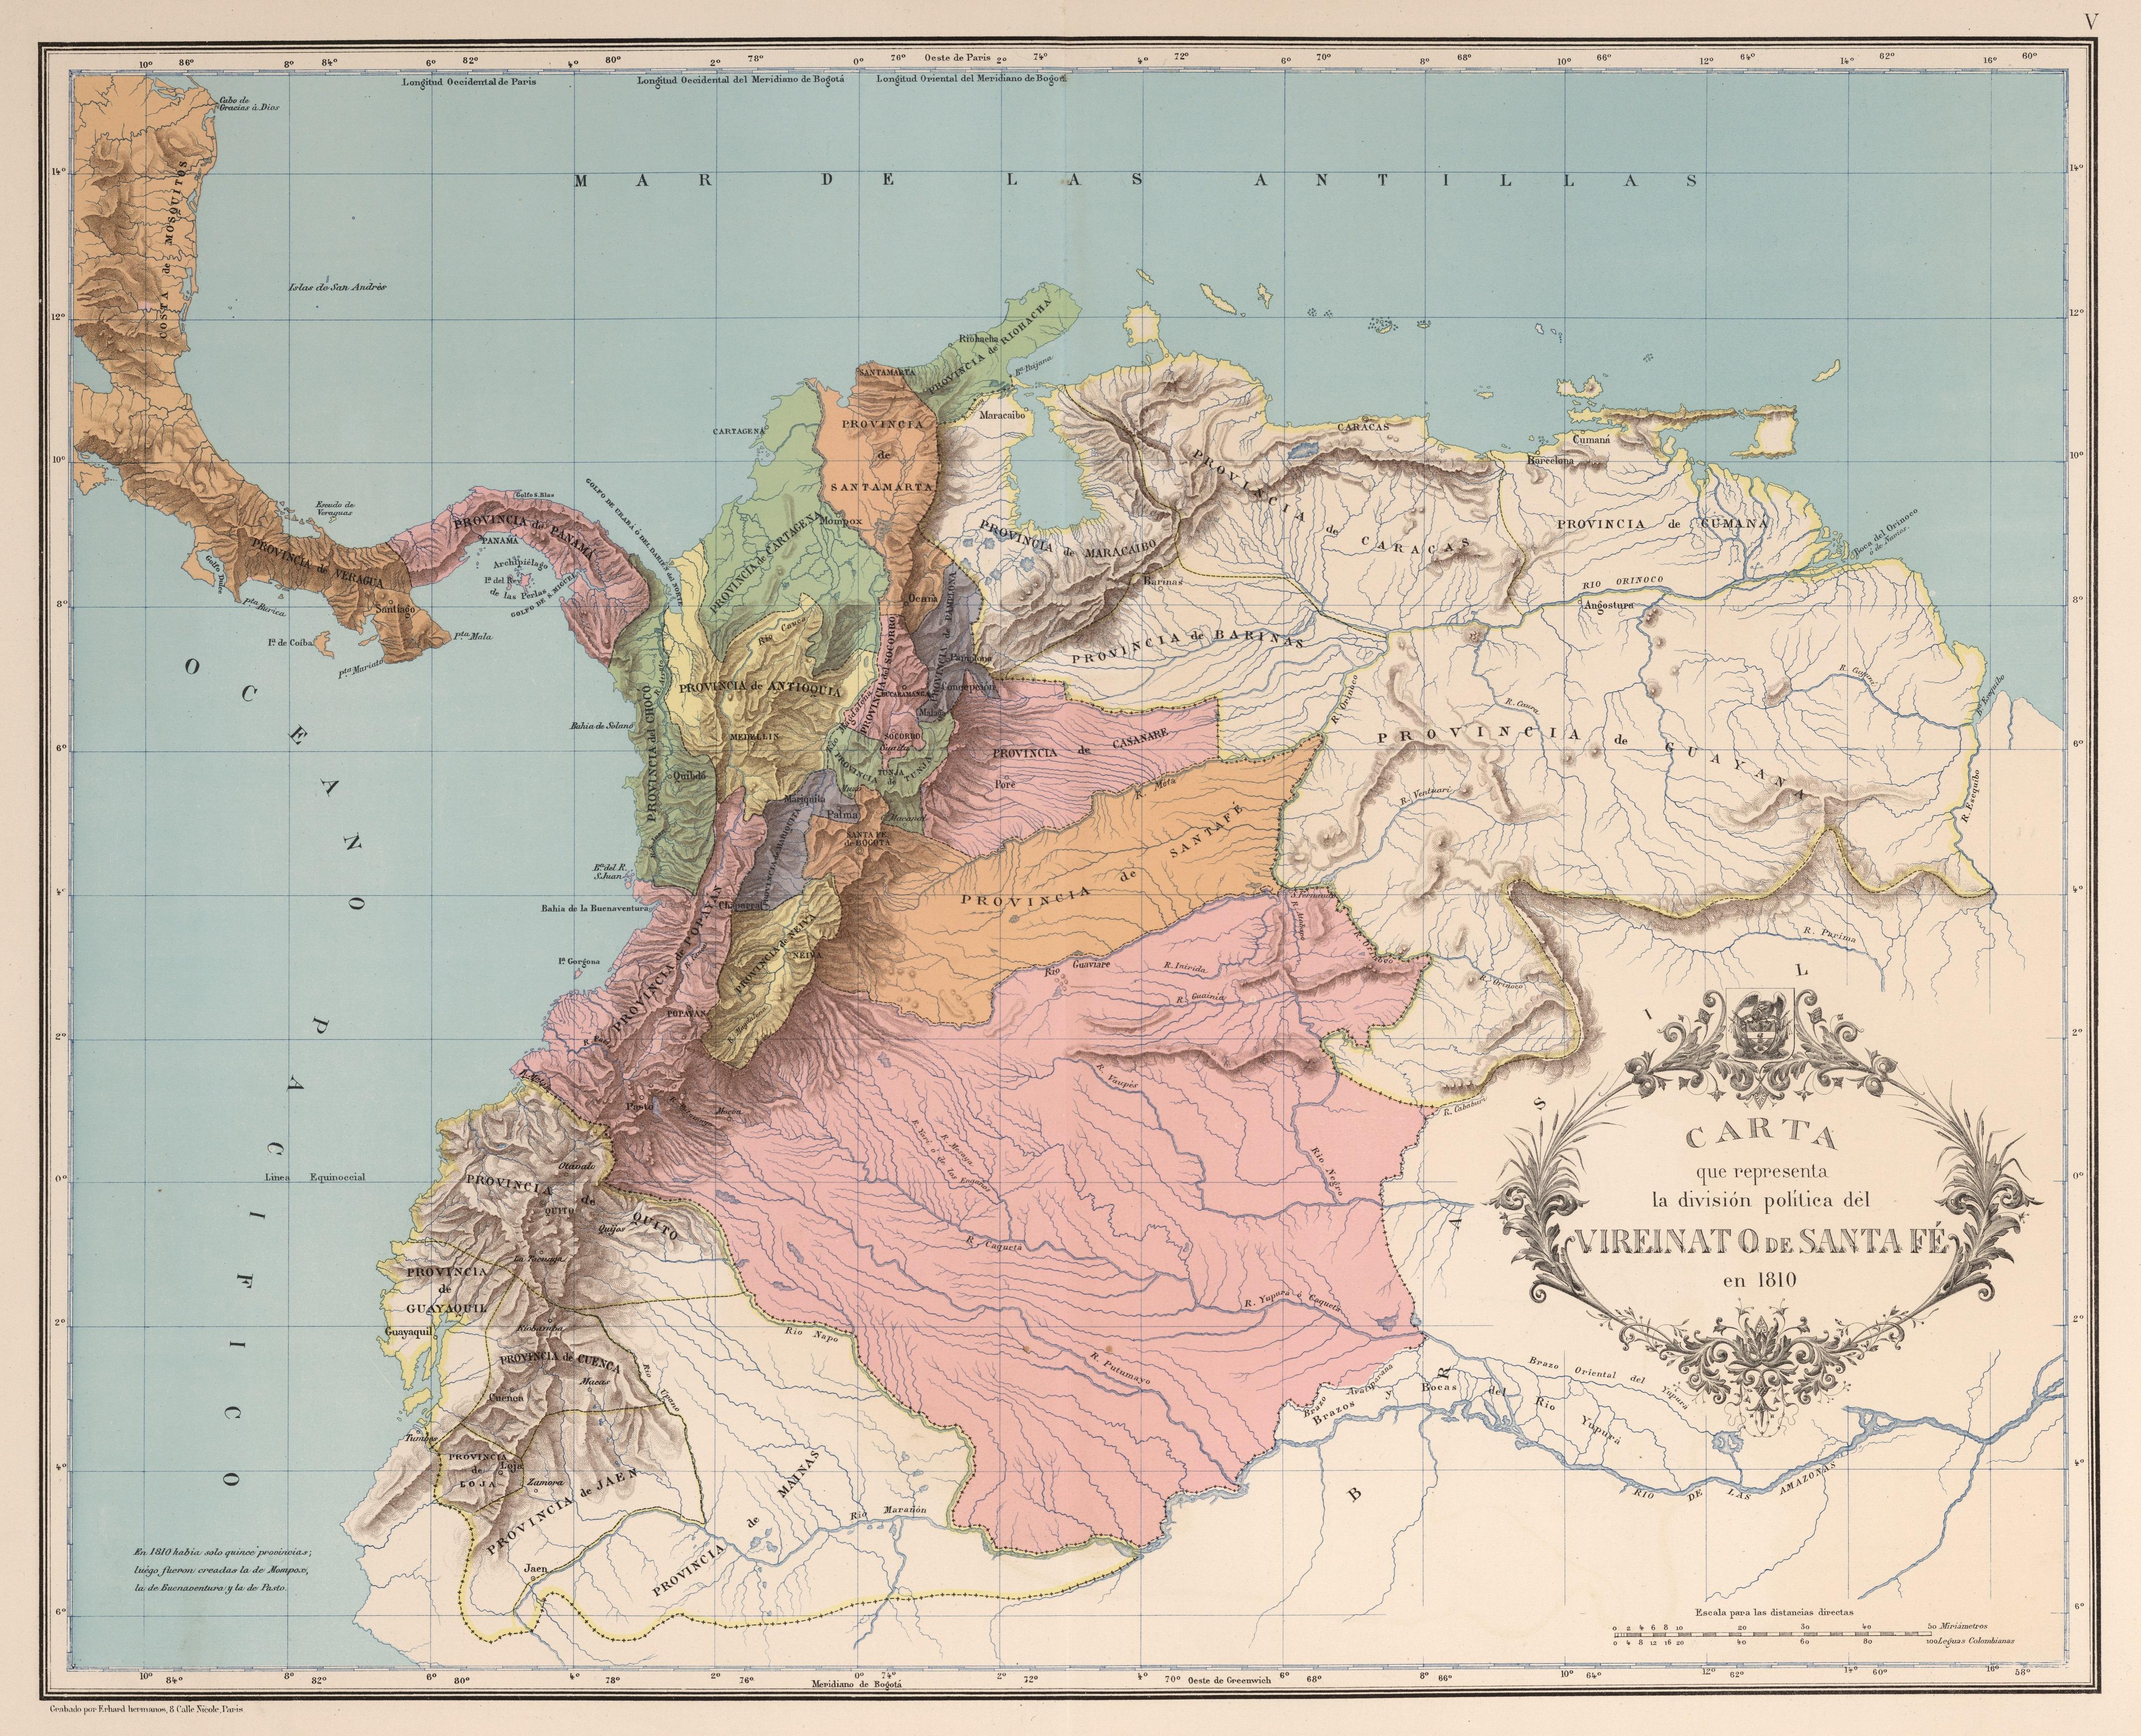 Depiction of Resistencia irregular en el proceso de independencia colombiana